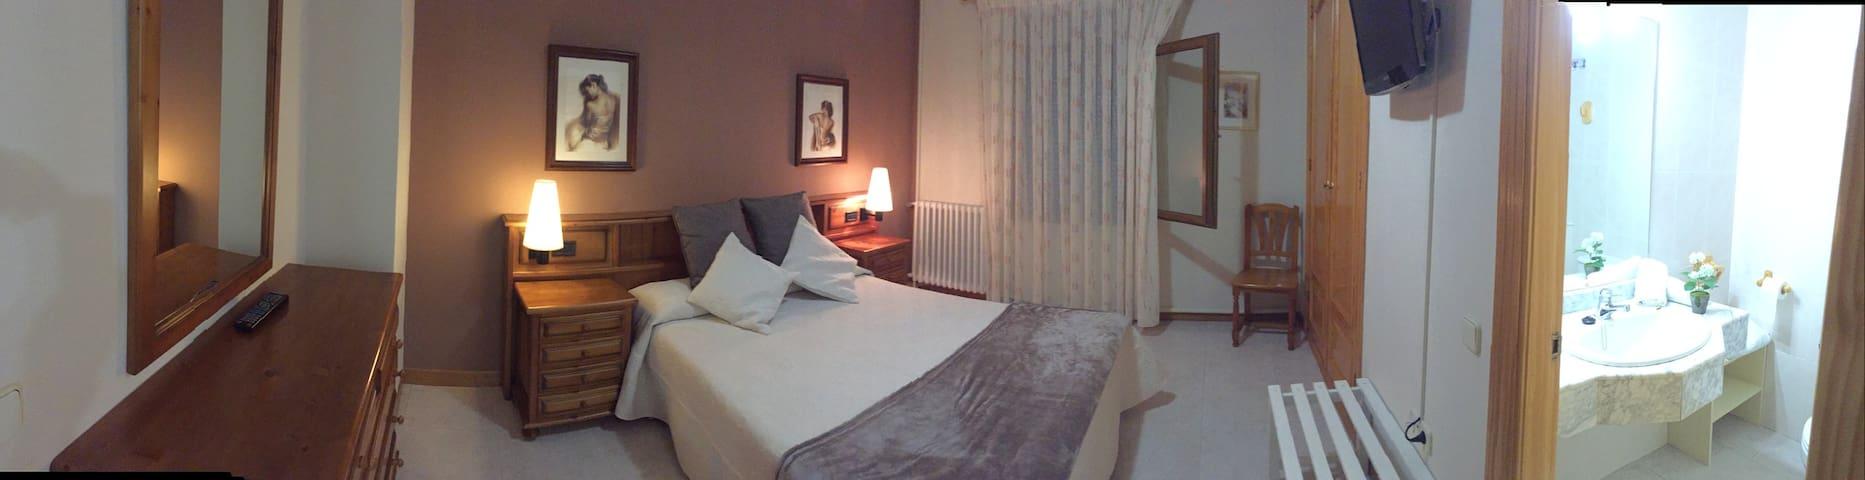 Habitacion - Villanova